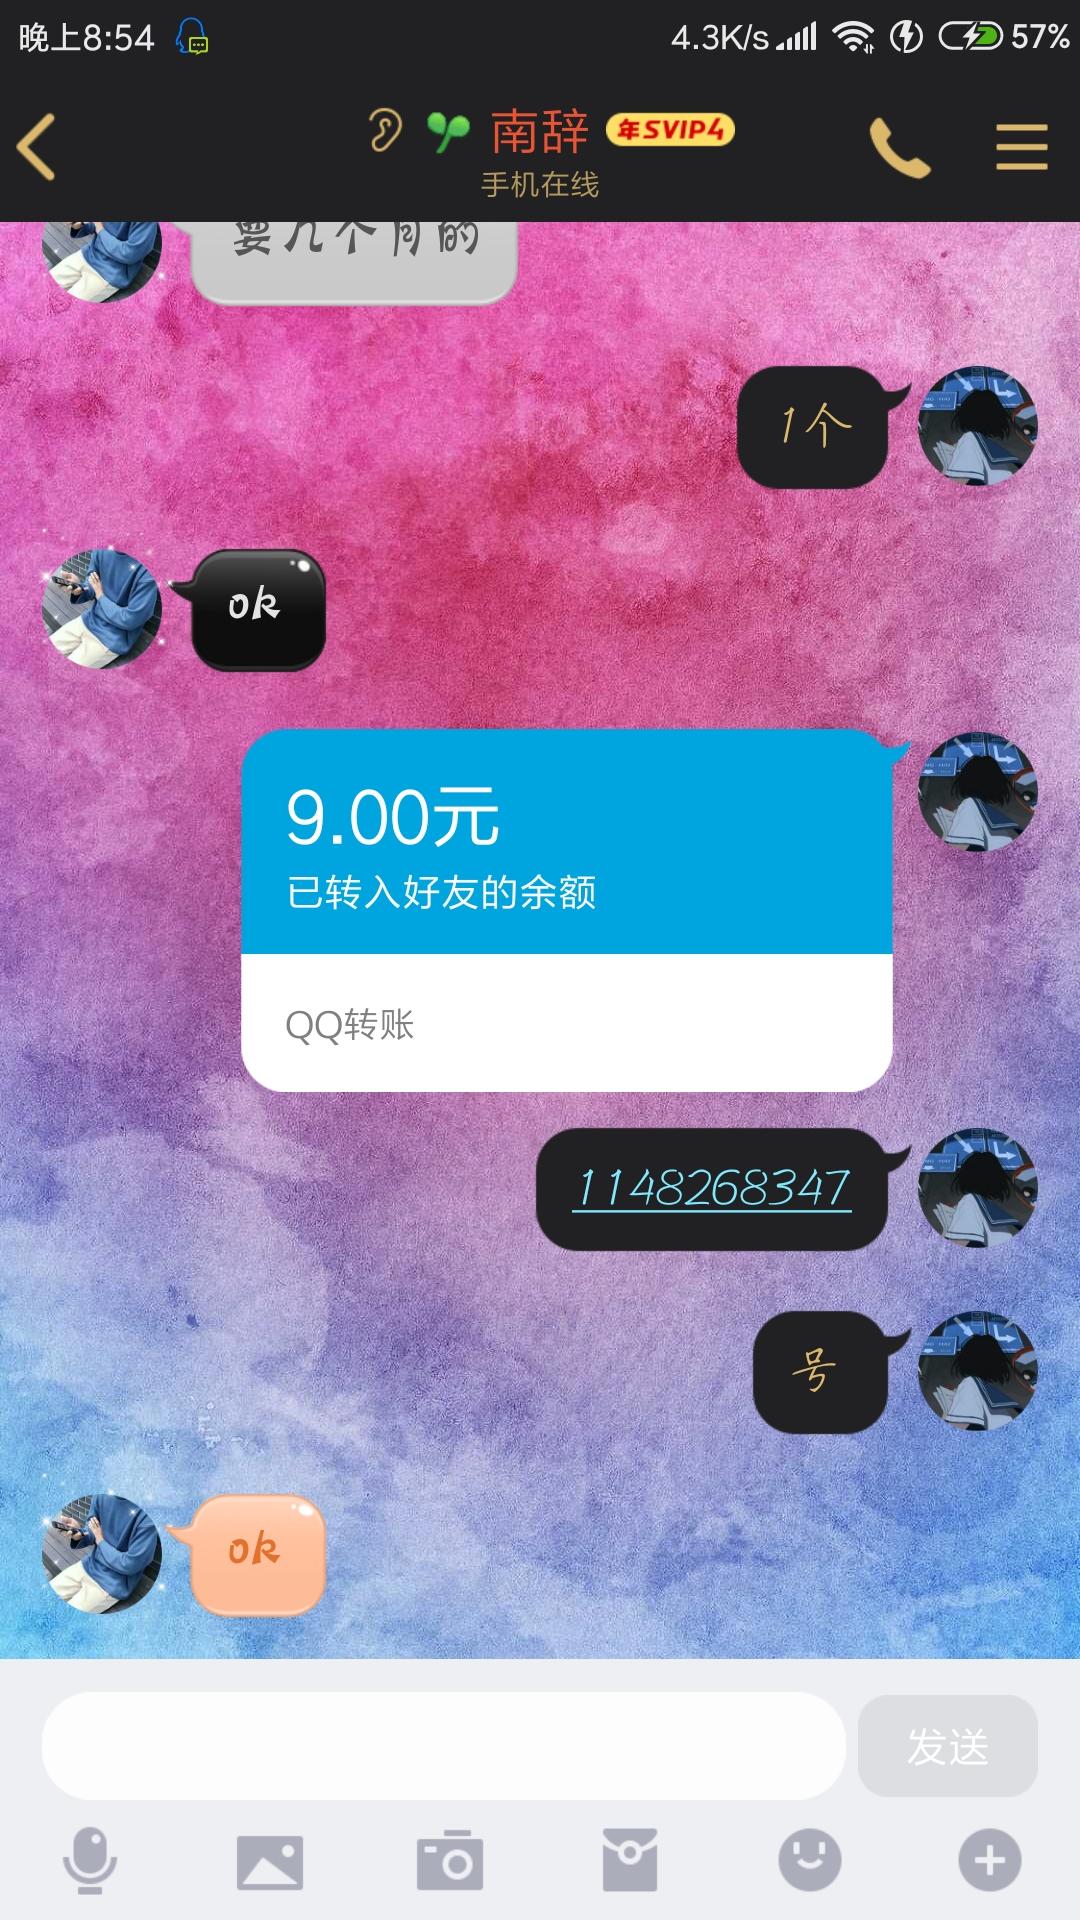 骗子QQ485997553骗子qq485997553